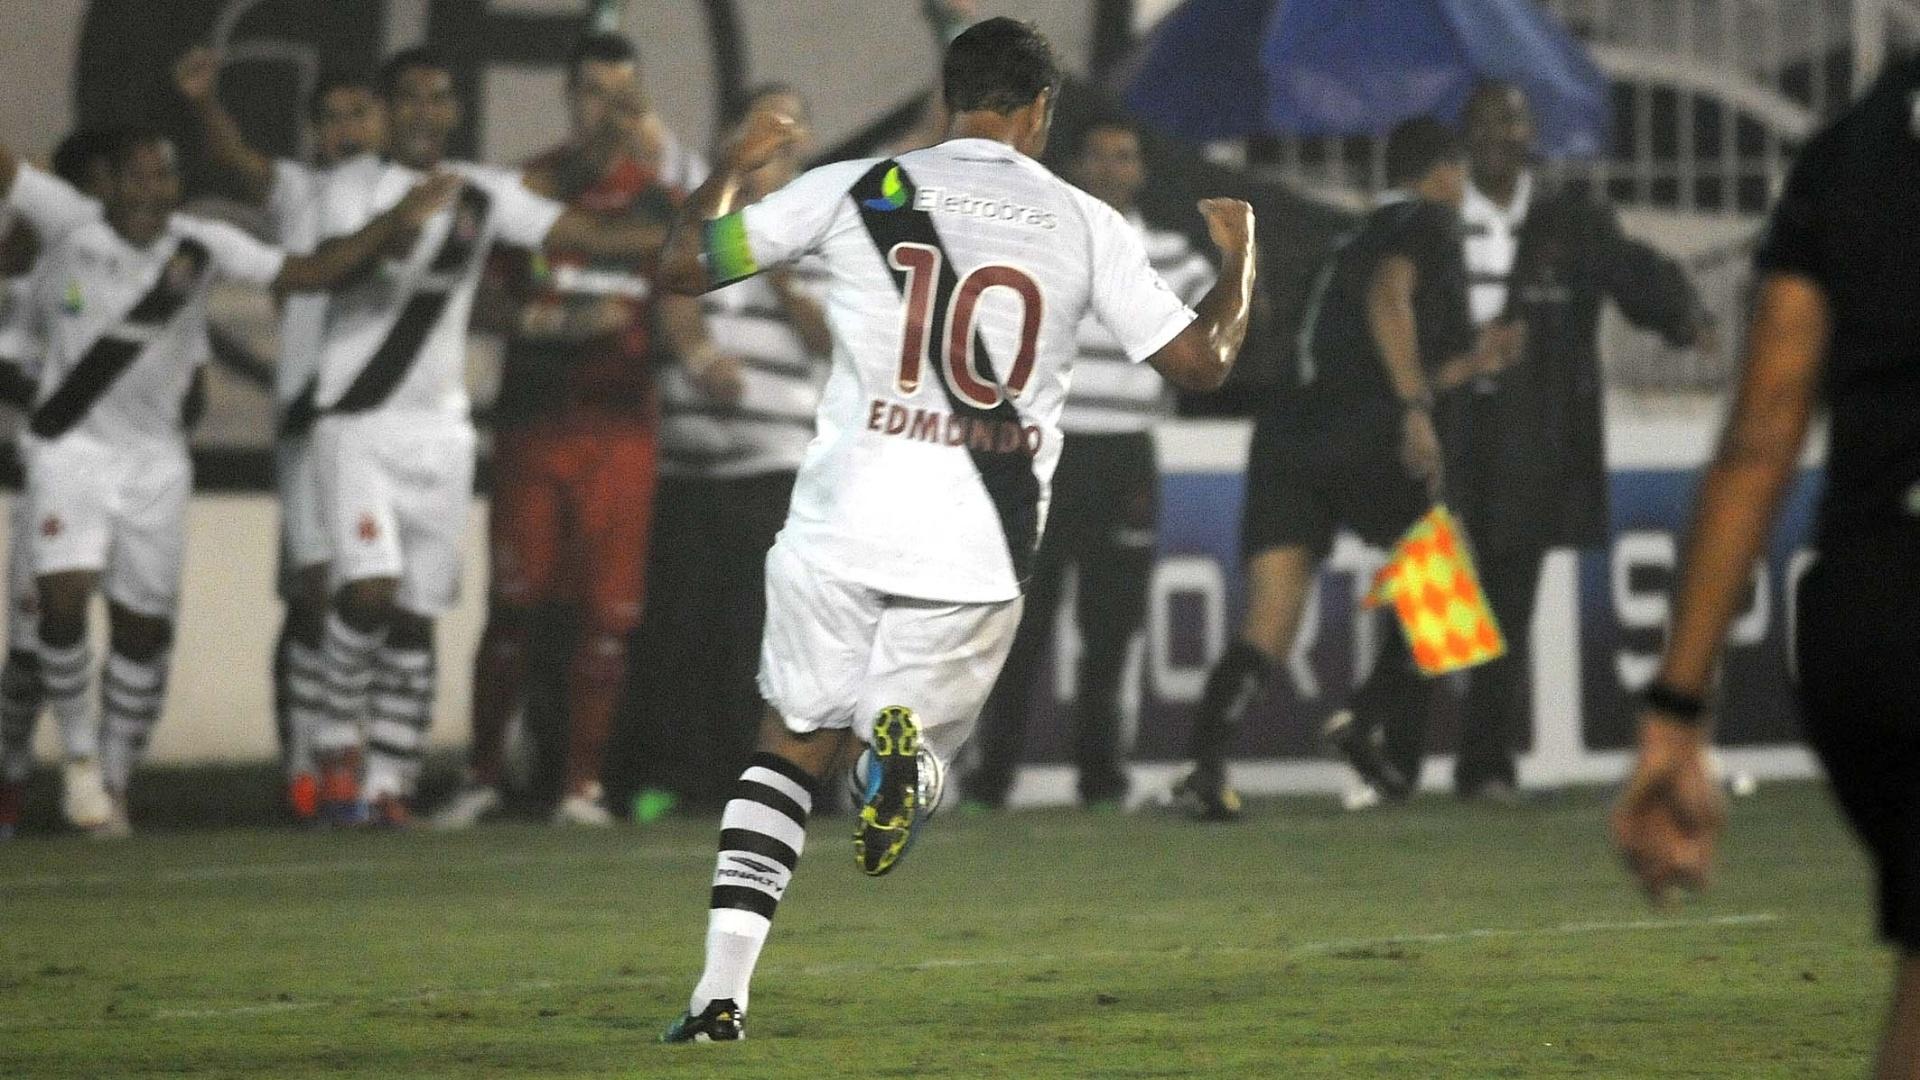 Edmundo comemora após marcar seu primeiro gol na partida de despedida pelo Vasco, contra o Barcelona (EQU)